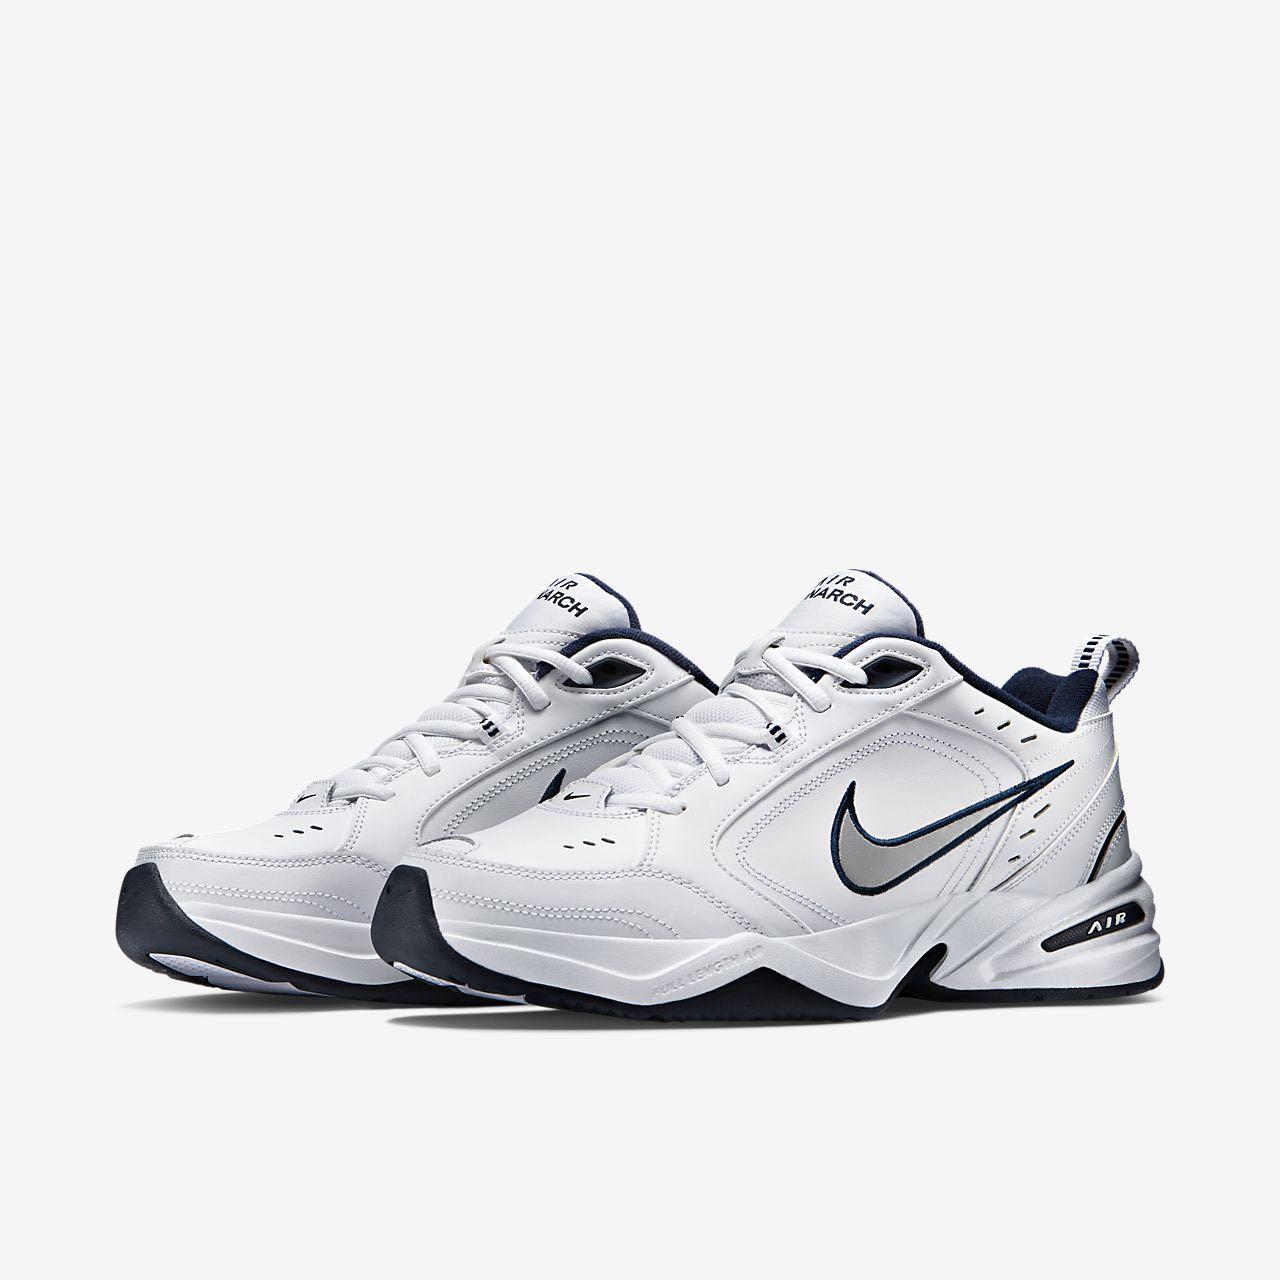 nike air monarch shoes